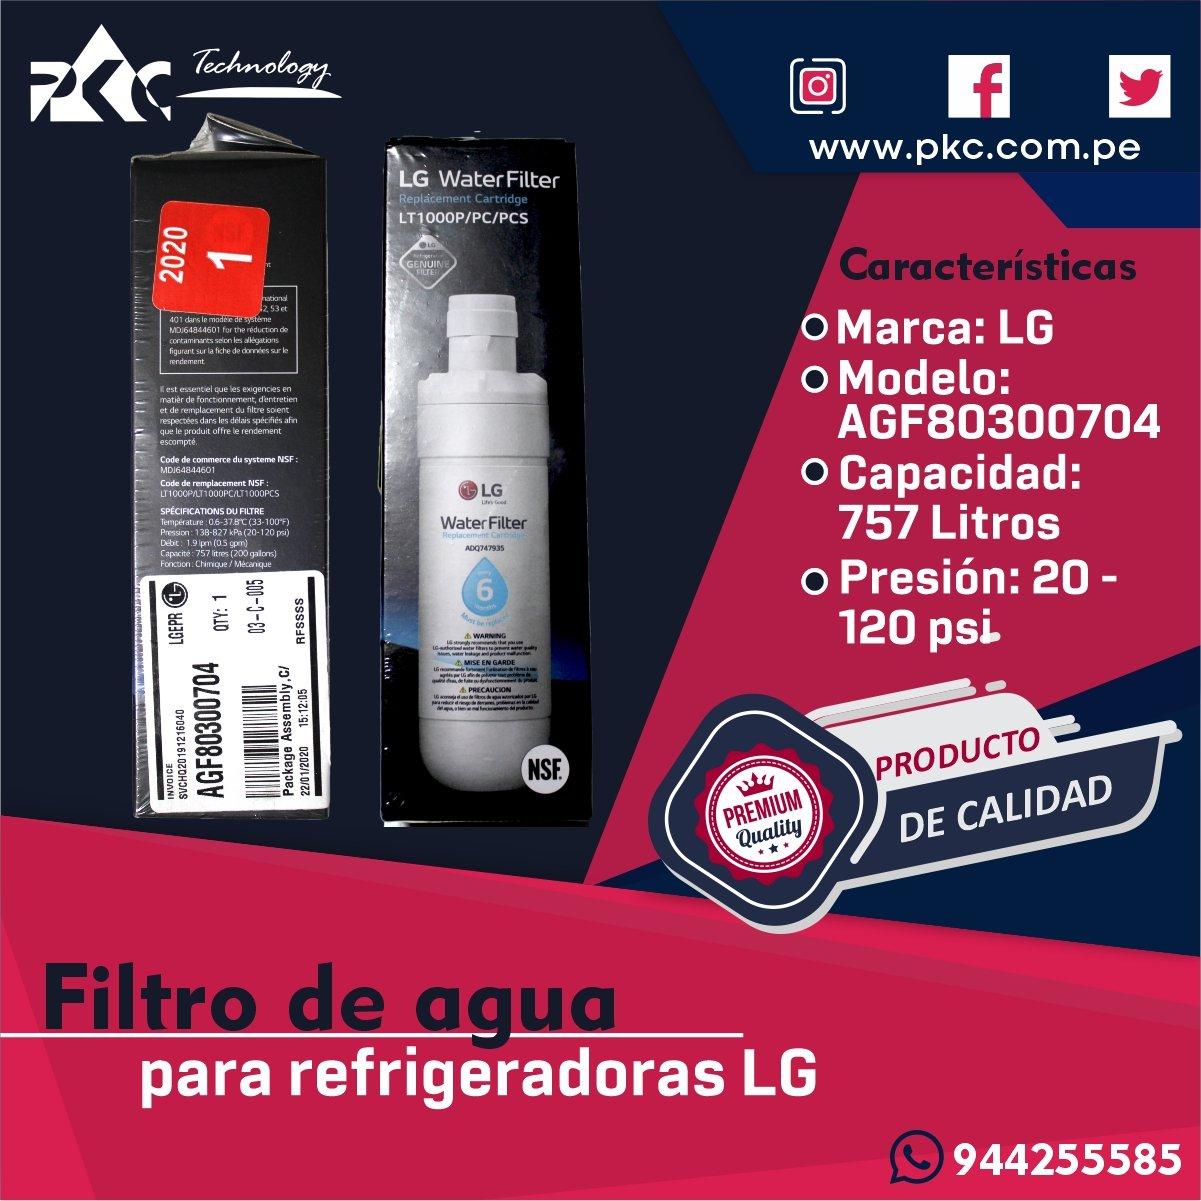 Filtro de agua Refrigeradora LG AGF80300704